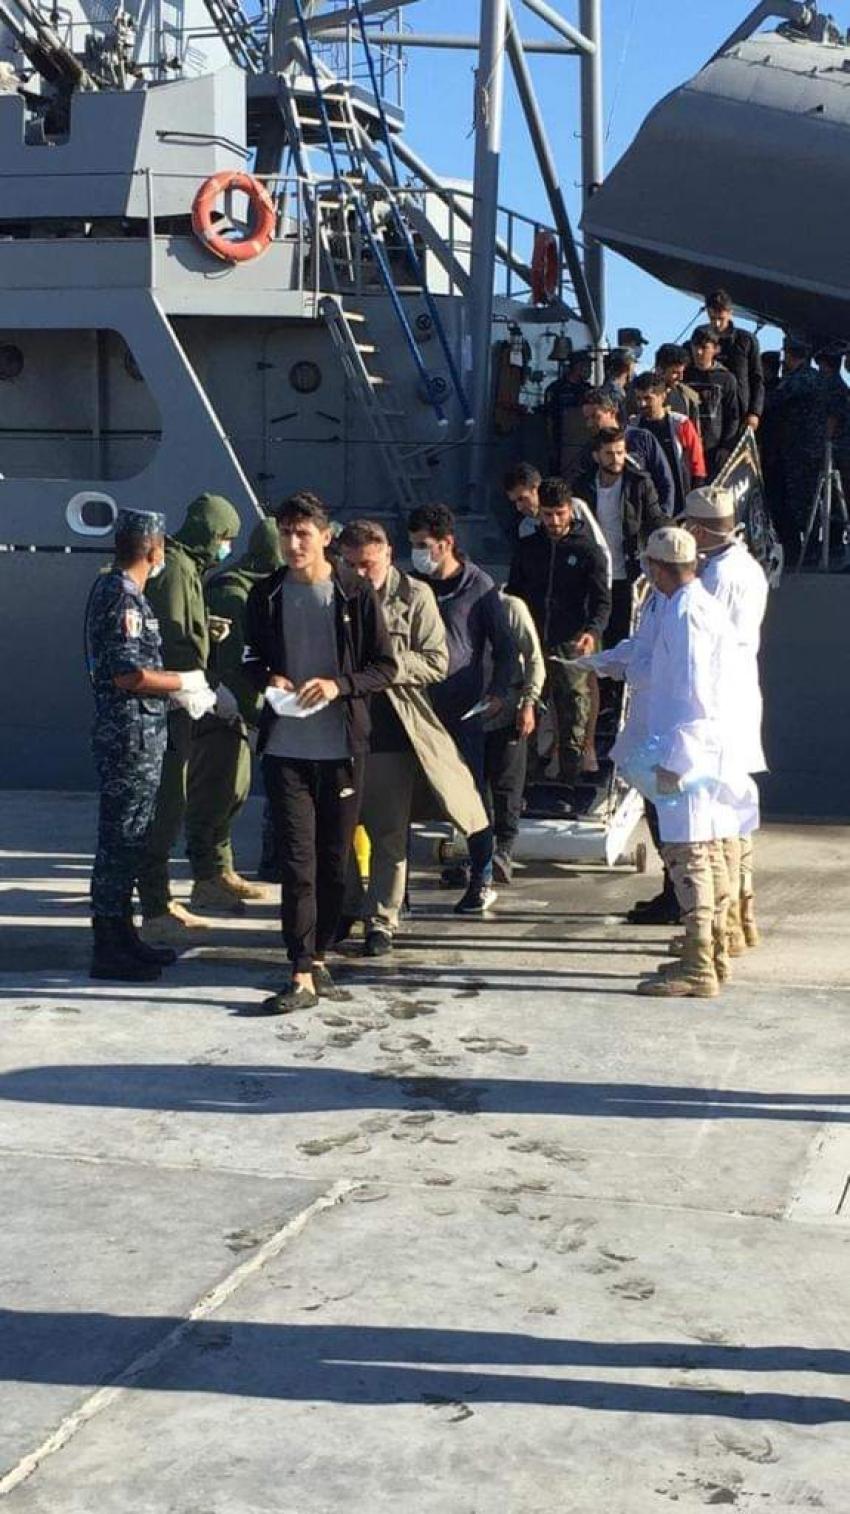 بالصور : القوات البحرية المصرية تنقذ مركب يرفع العلم التركى على متنه ٥٧ راكبا فى عمق البحر المتوسط